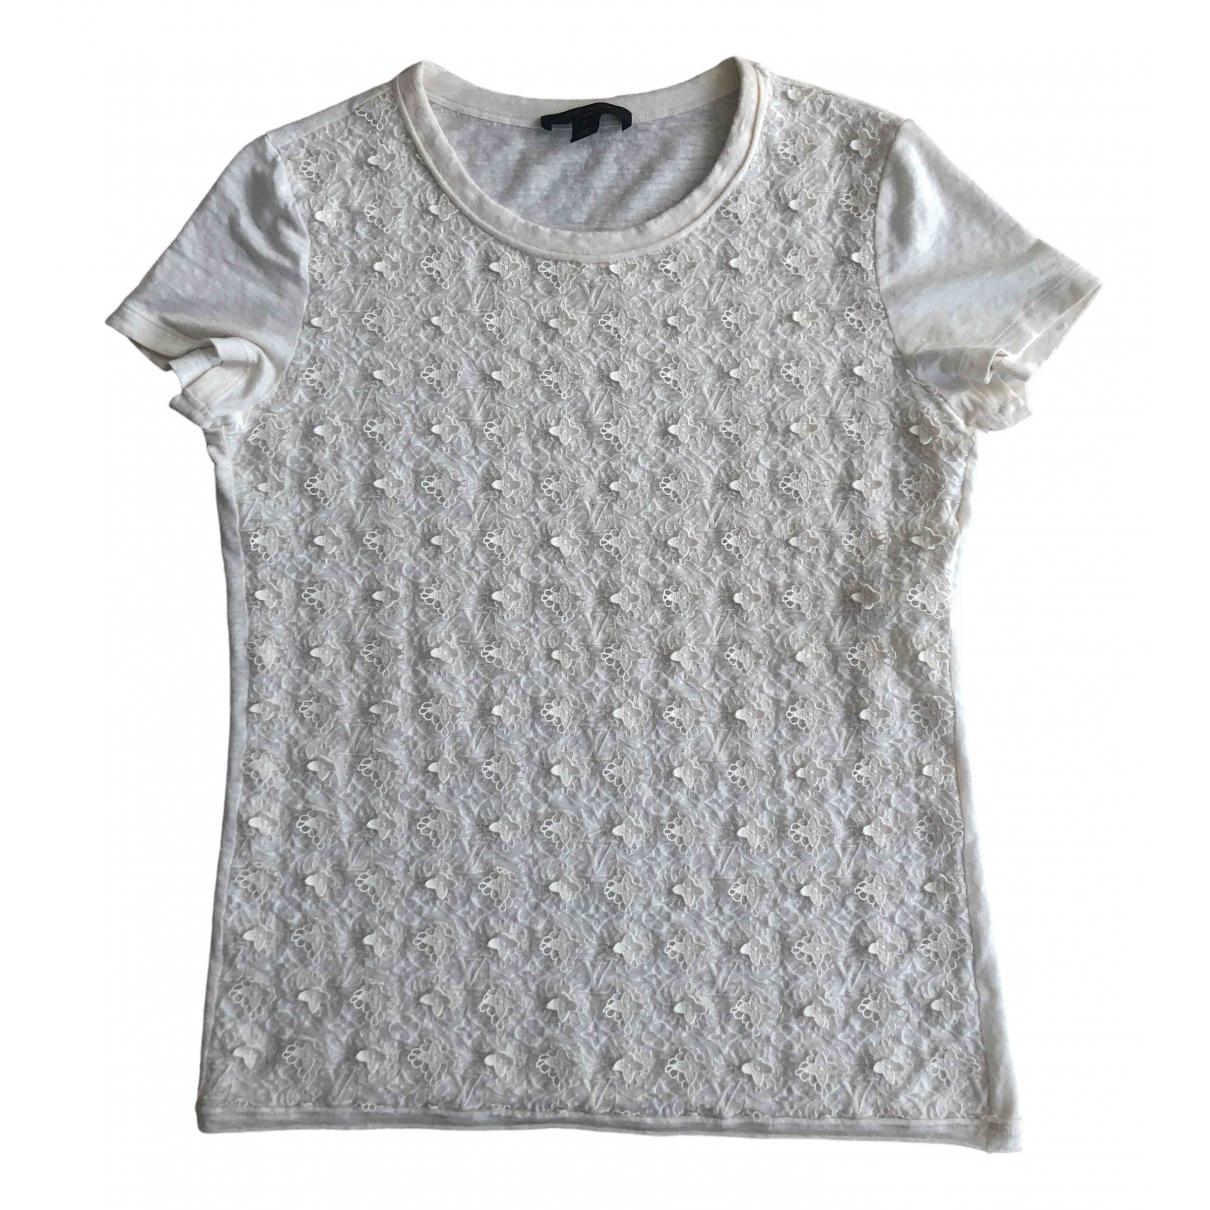 Louis Vuitton \N Ecru Linen  top for Women L International